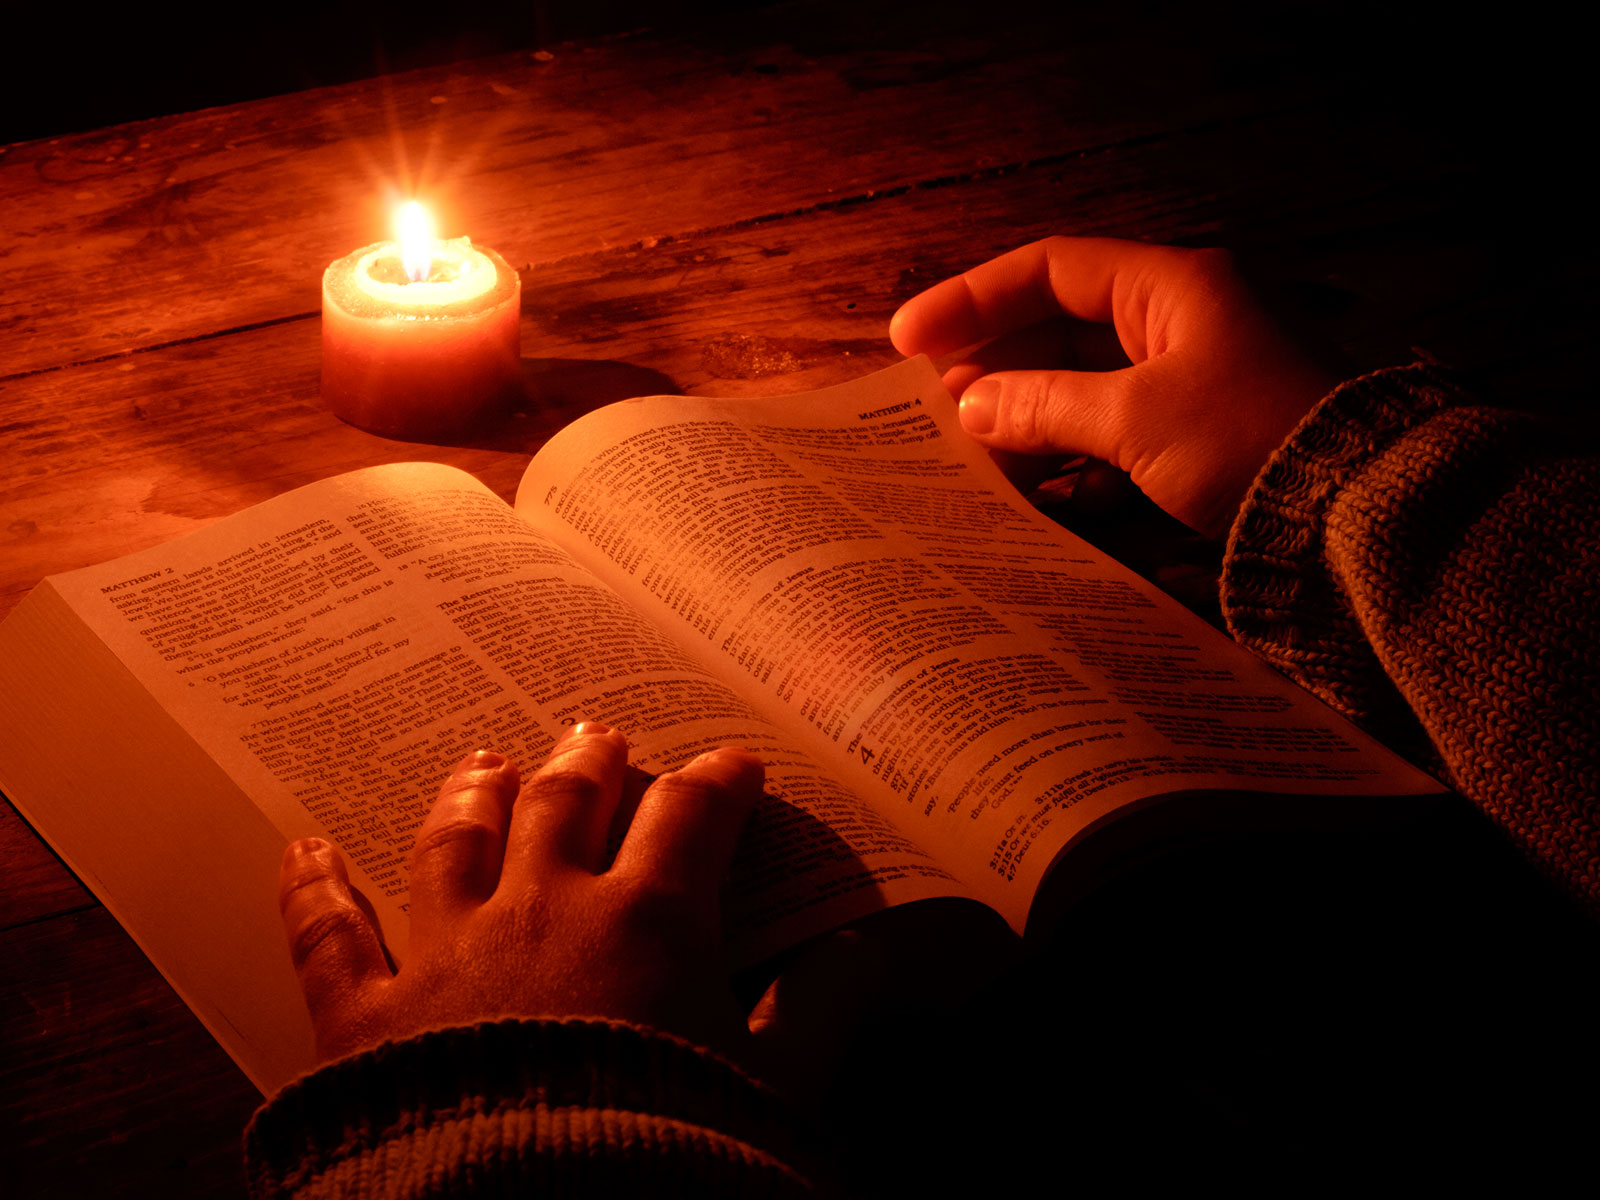 Aprenda-o-sentido-do-jejum-descrito-na-Bíblia